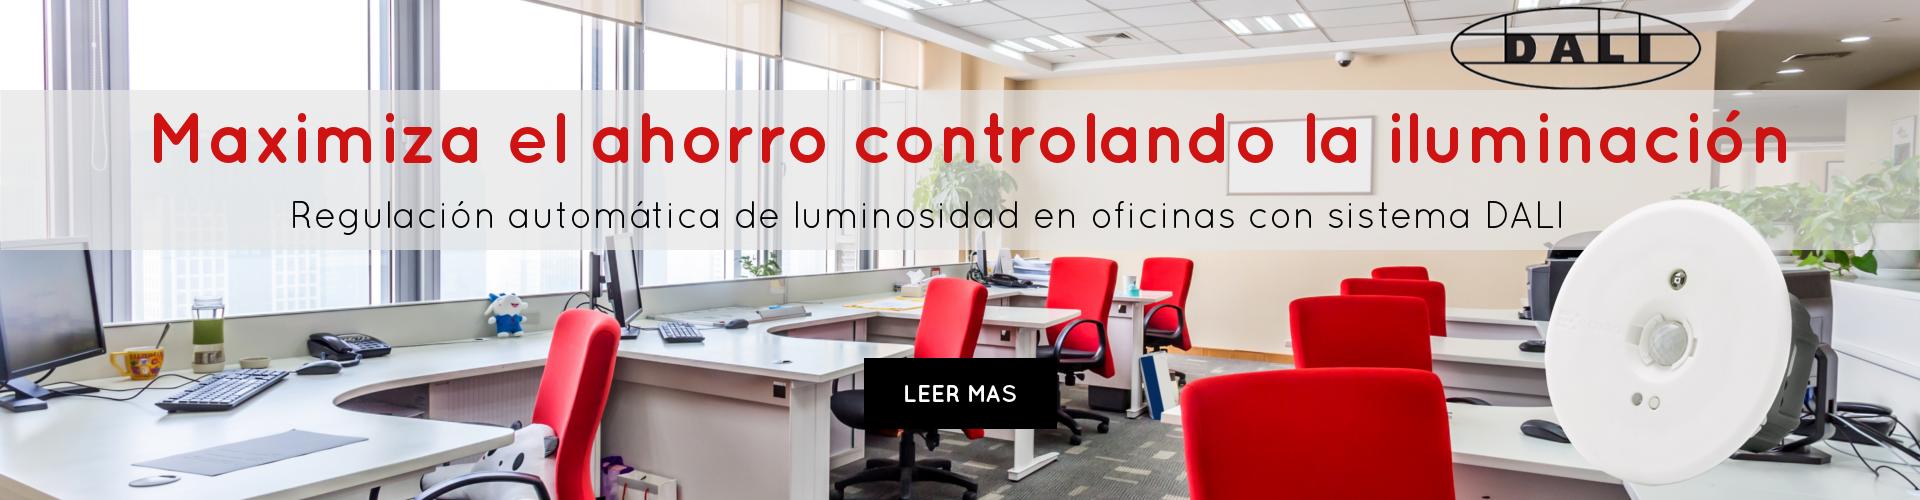 maximiza el ahorro controlando la iluminacion regulacion automatica de luminosidad en oficinas con sistema dali